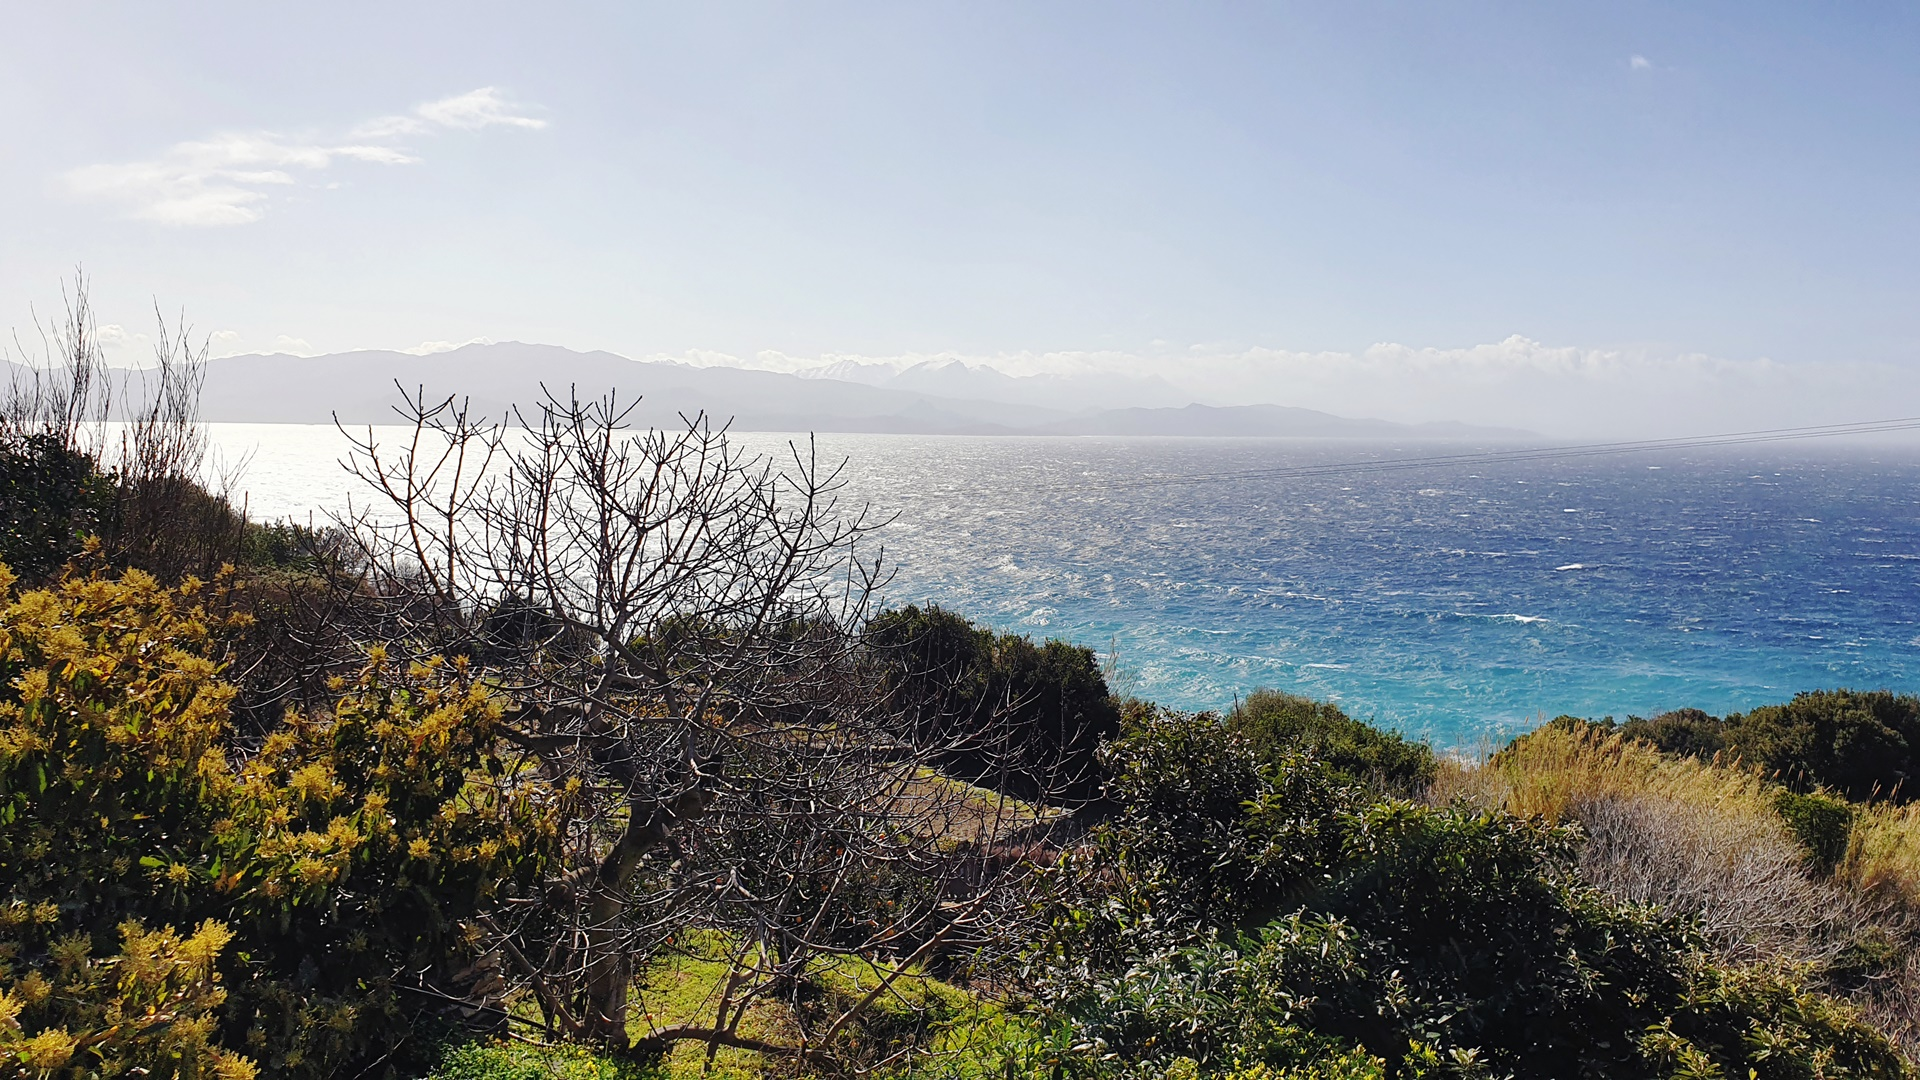 sejour randonnee dans le Cap Corse